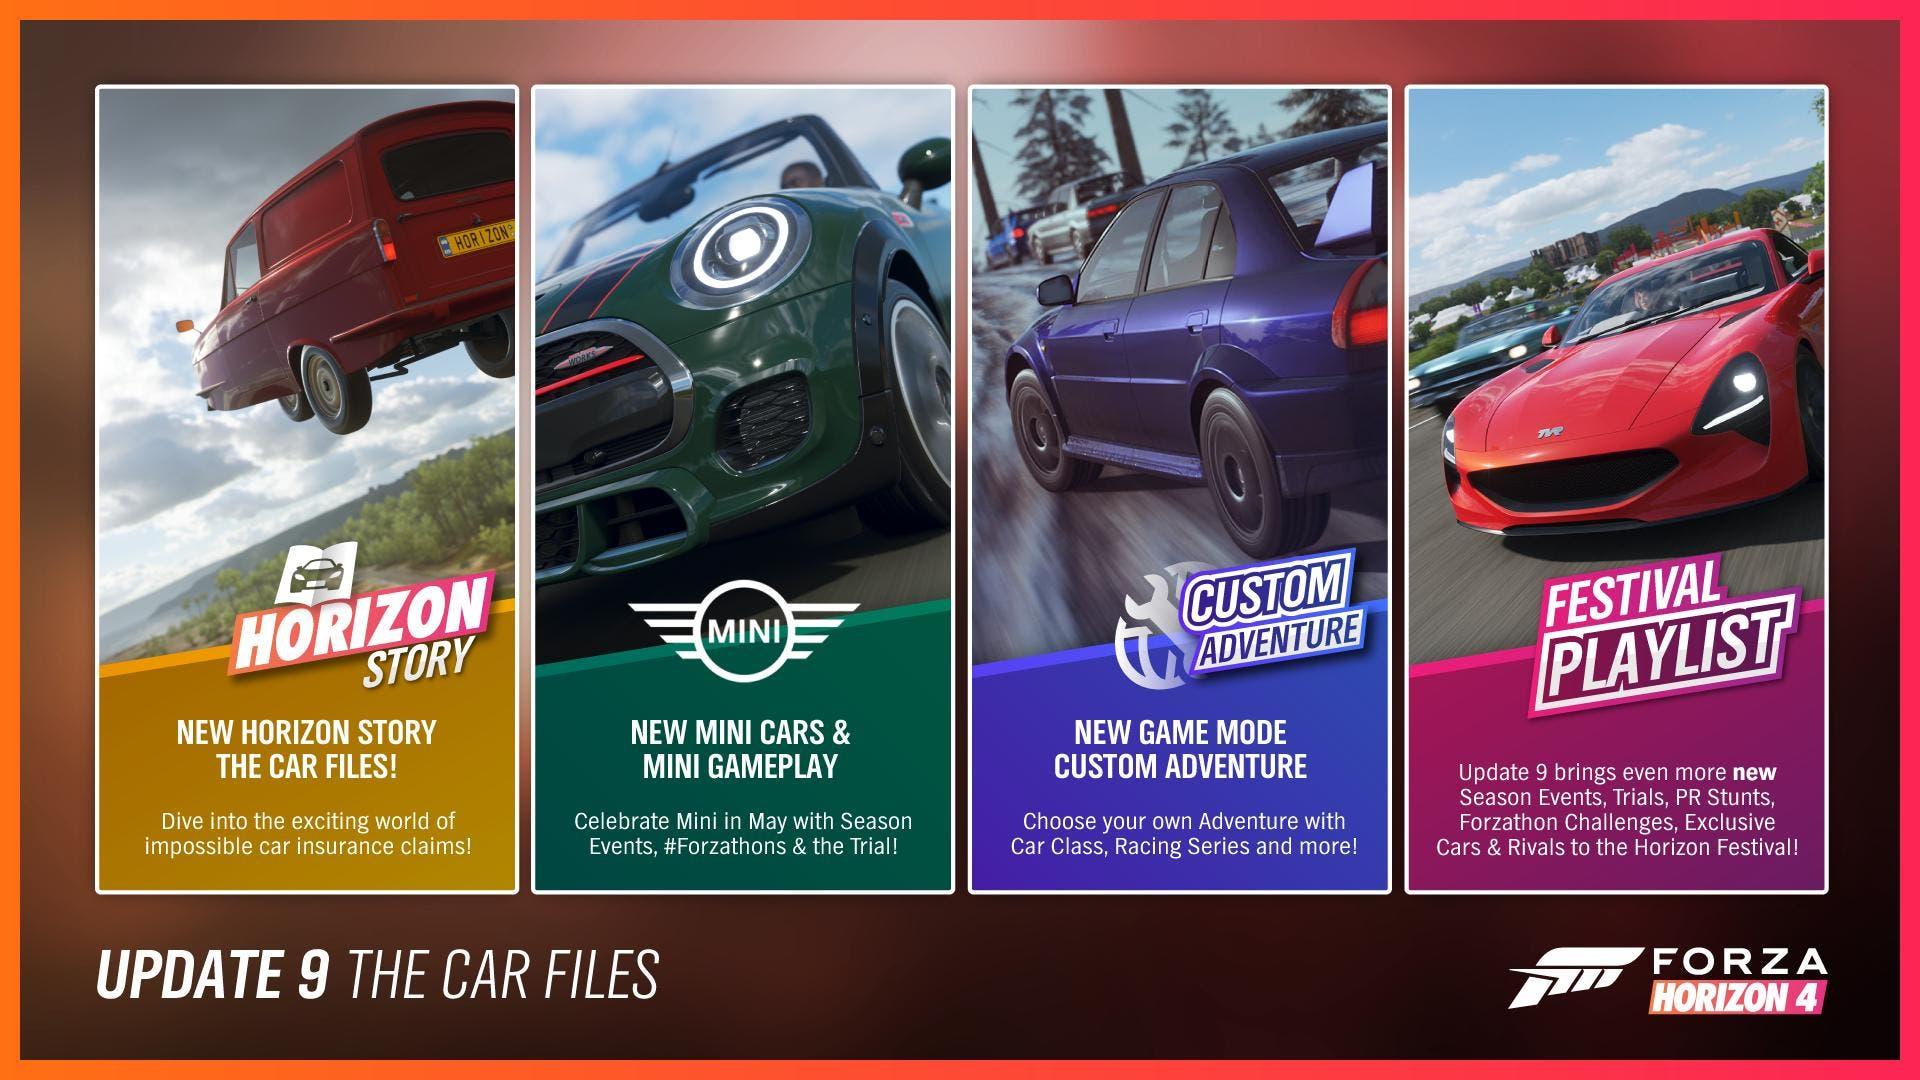 Primeras informaciones sobre contenidos y mejoras para Forza Horizon 4 en su próxima actualización 3